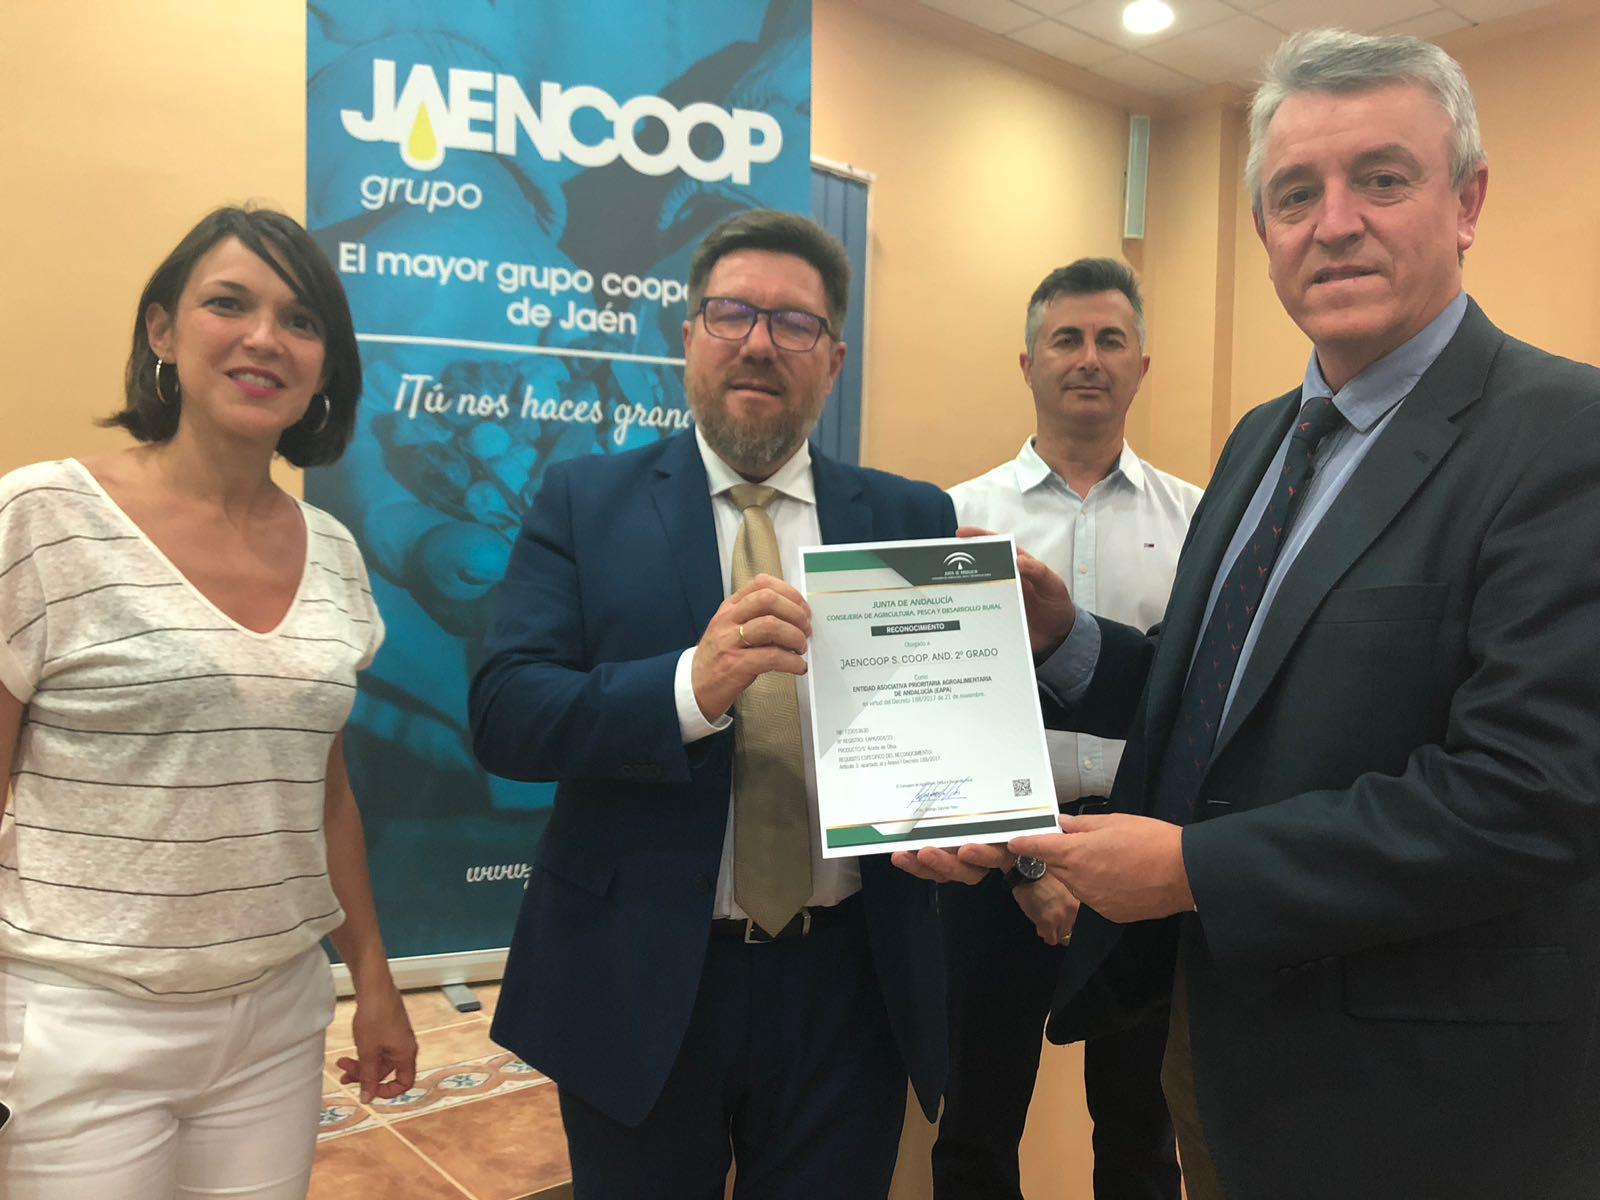 La Junta de Andalucía reconoce al Grupo Jaencoop como Entidad Asociativa Prioritaria de Andalucía